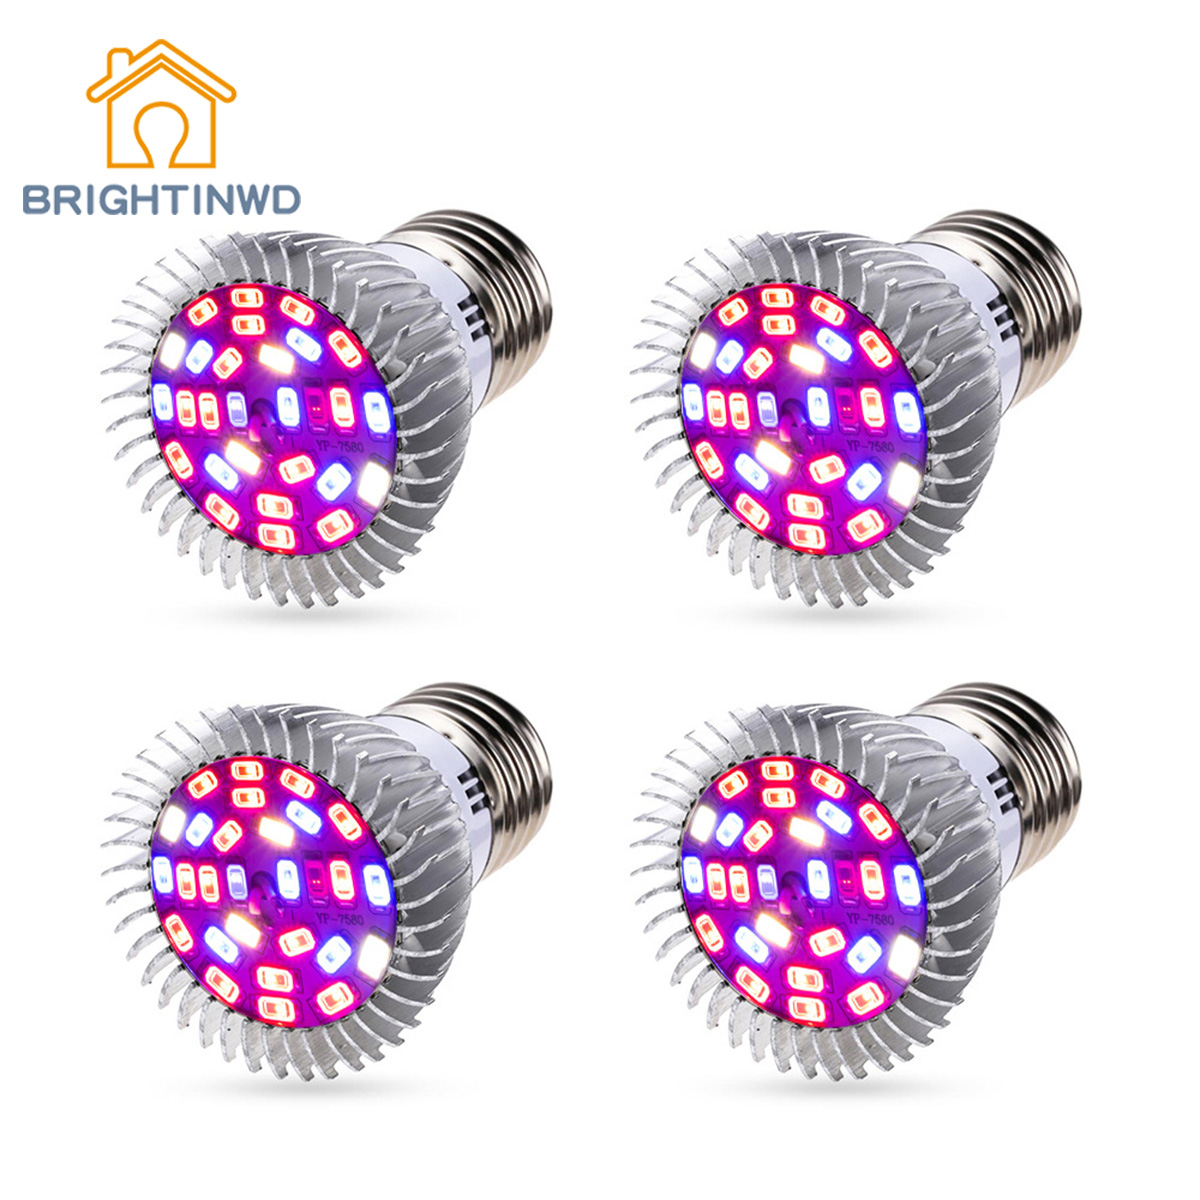 BRIGHTINWD <font><b>LED</b></font> Plant Light E27 Indoor Seedling Plant <font><b>Growing</b></font> Fill Light Full Spectrum UV Flower Plant Spotlight